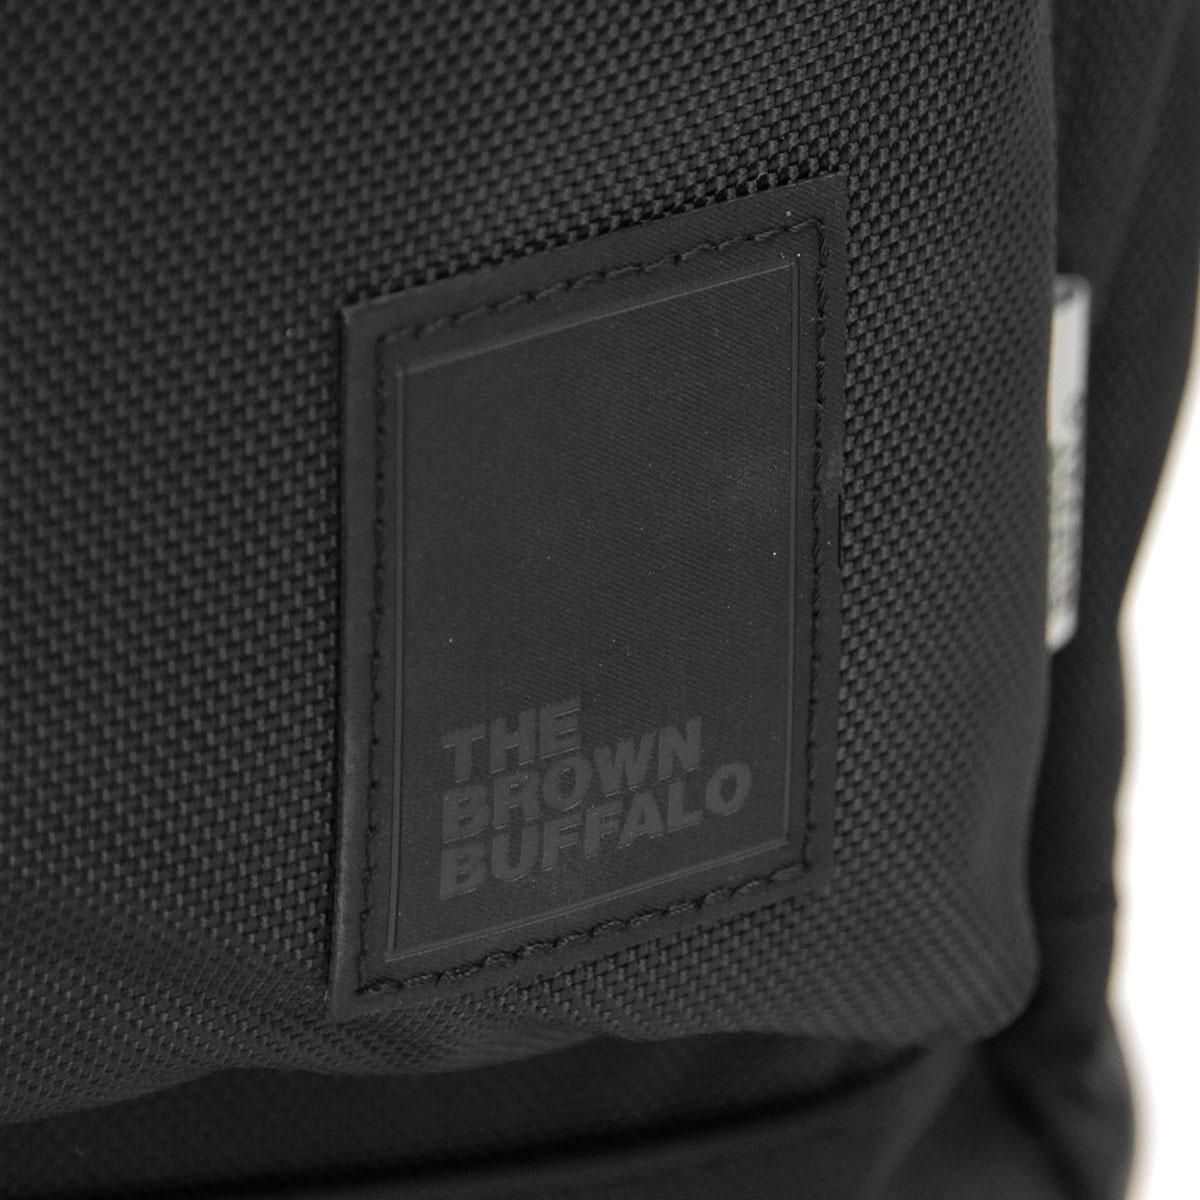 ザ ブラウン バッファロー バックパック メンズ レディース 正規販売店 THE BROWN BUFFALO リュックサック バッグ HILLSIDE BACKPACK BALLISTIC BLACK S19HB1680BLACK AA7B B3C C8D D3E E13F